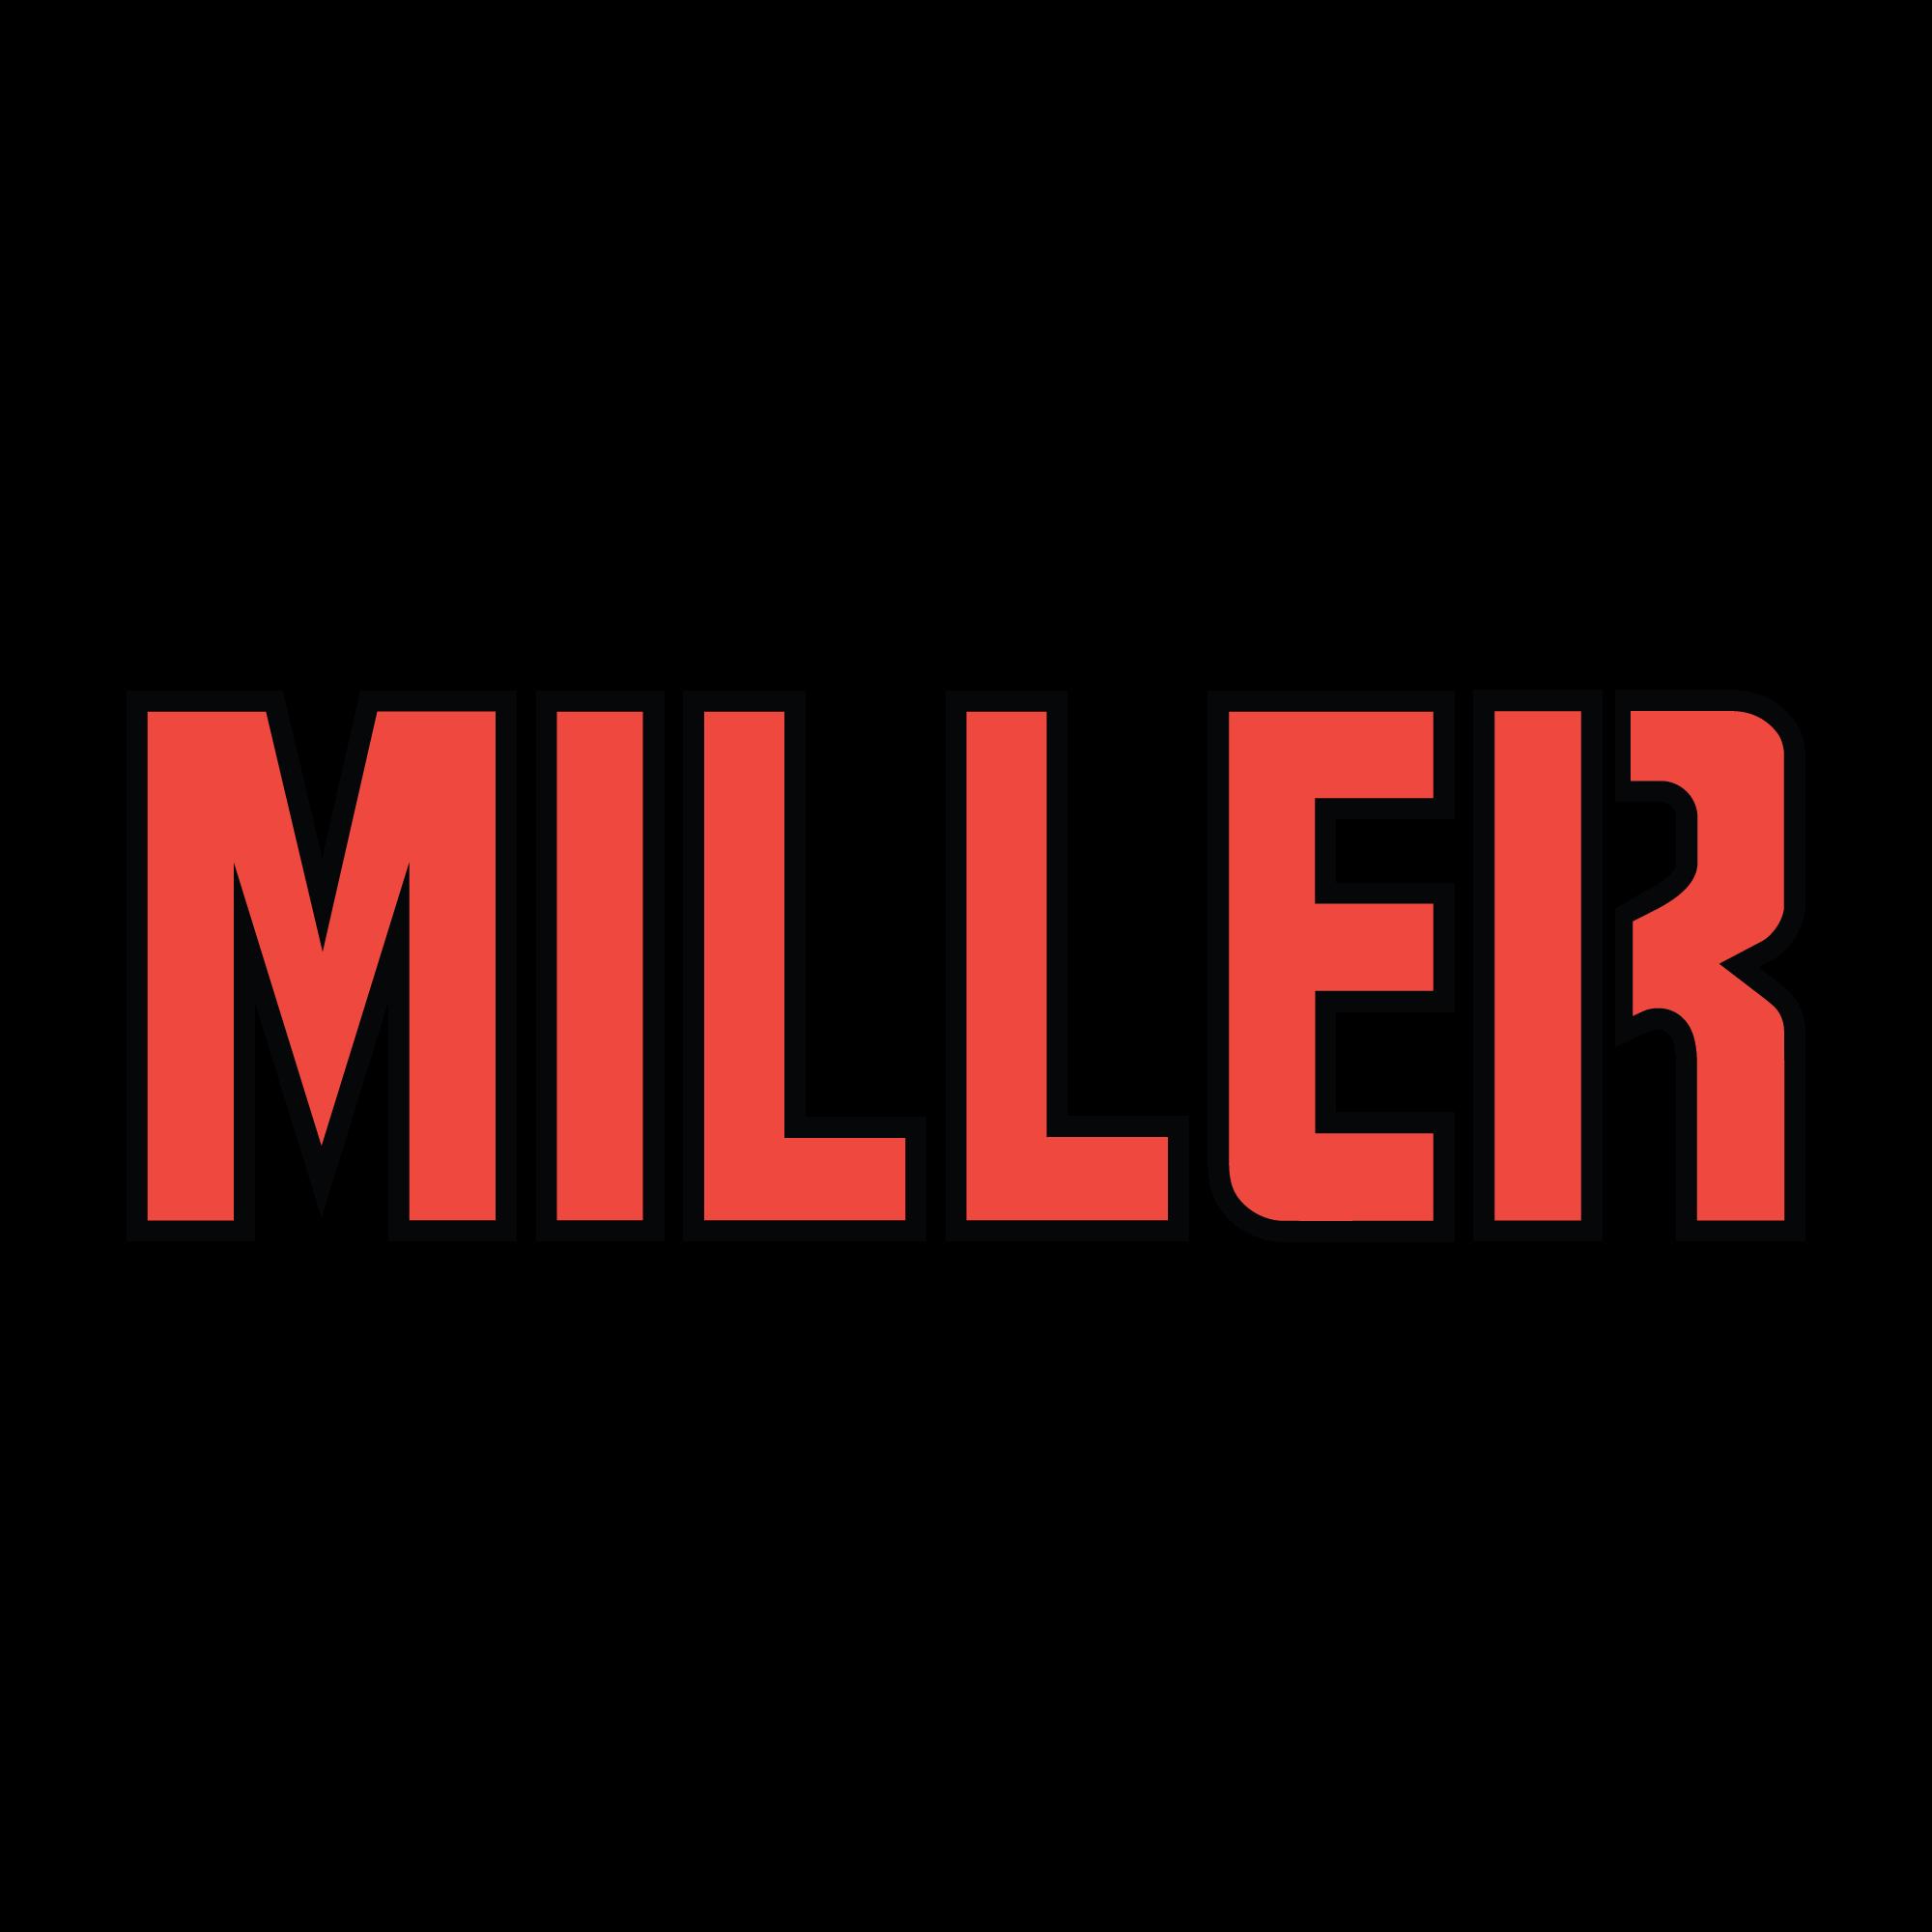 bid-group-miller-logo-2016.png